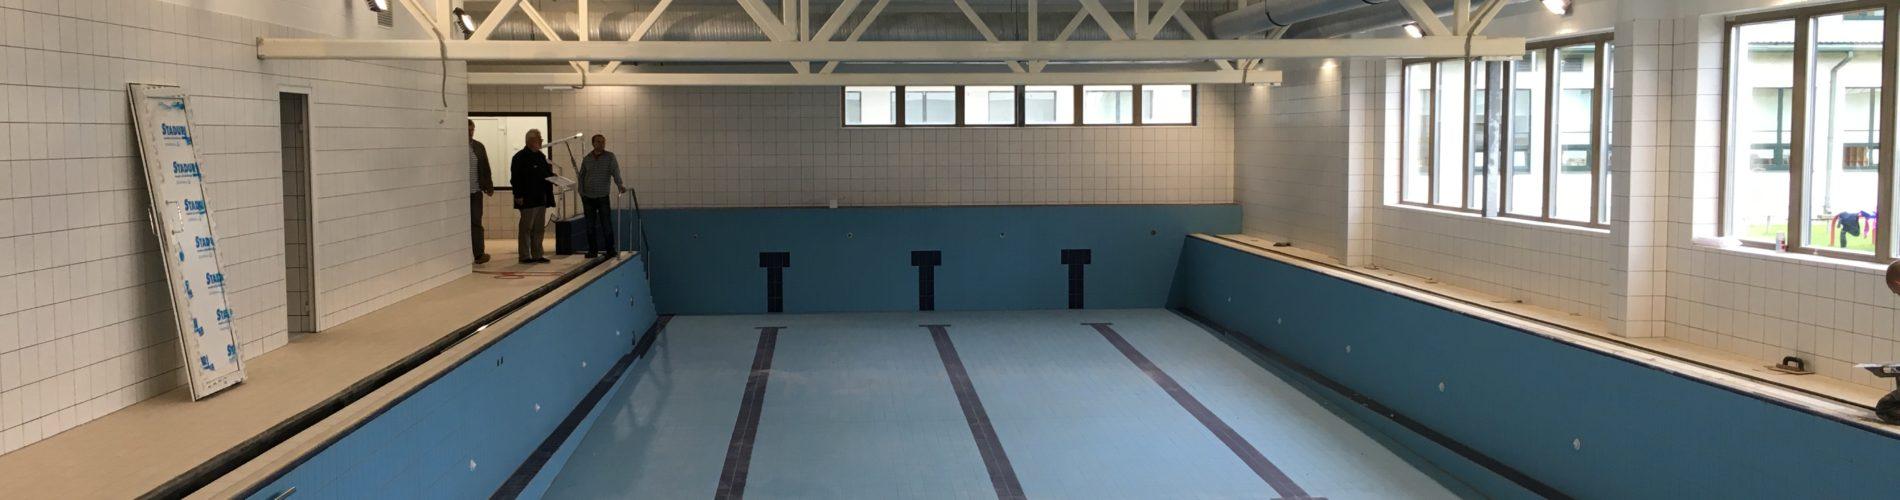 Merivälja Kooli ujula (Riito Ehituse AS) august 2016